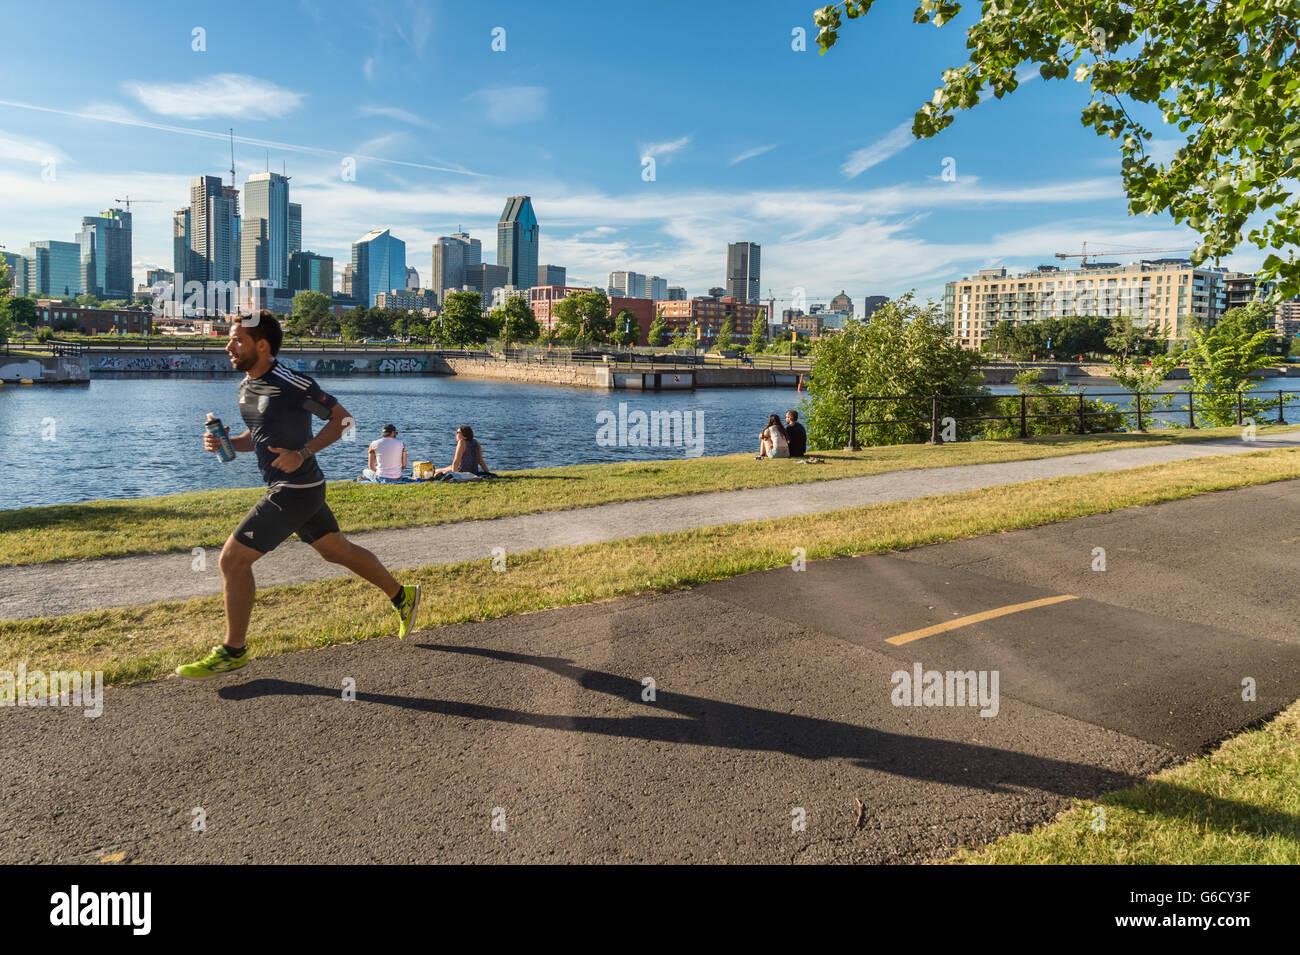 Lachine Canal il percorso in Montreal, con skyline in background e un giovane uomo che corre Immagini Stock